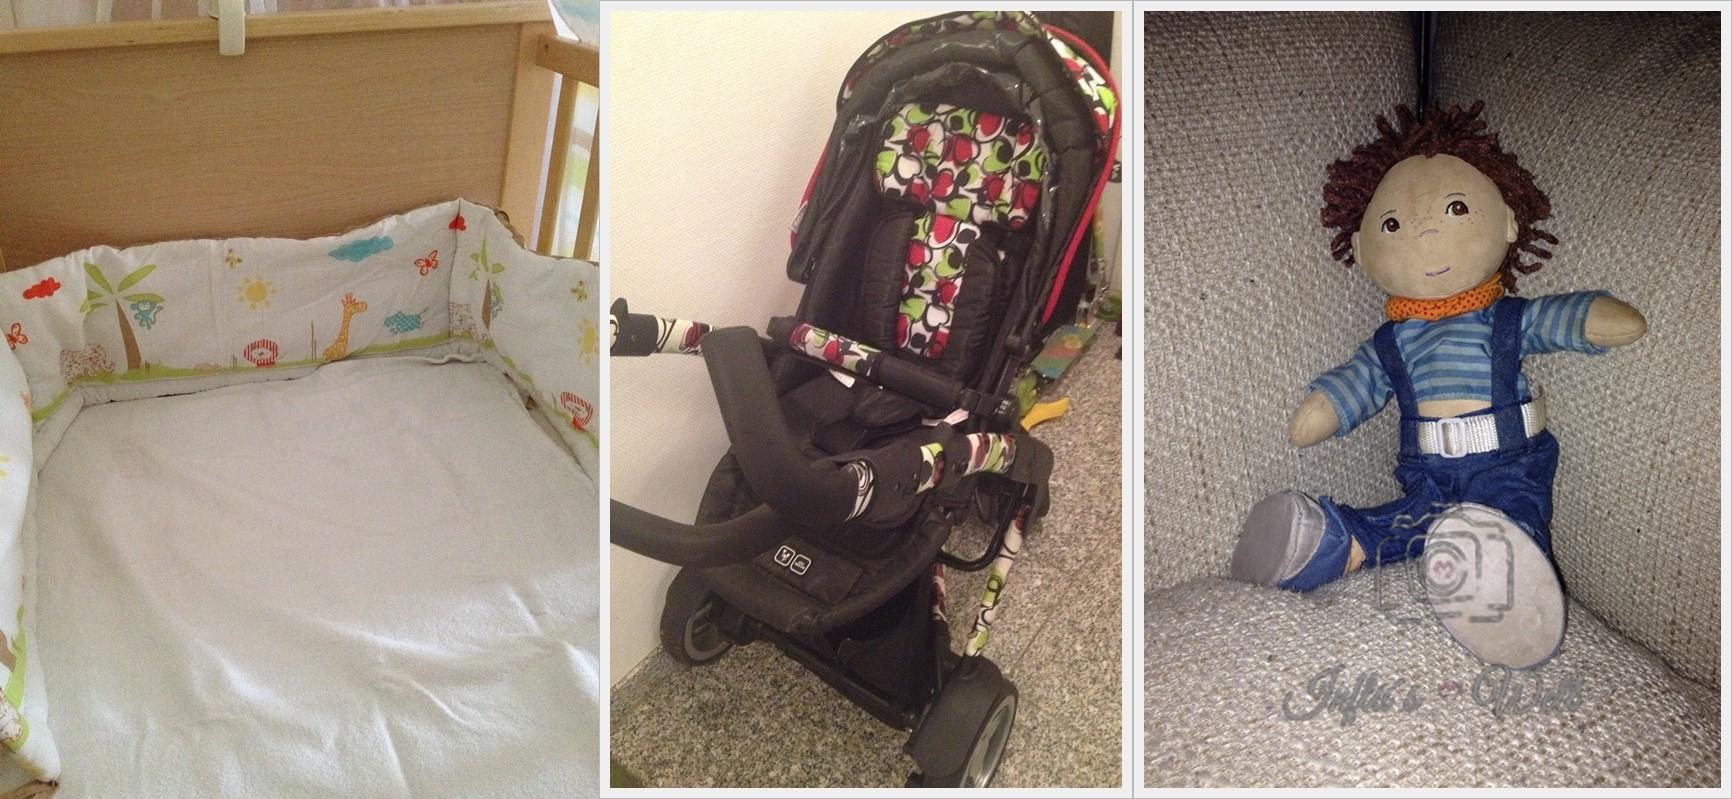 Babybett mit Nestchen, ABC 3 Tec Kinderwagen und Püppi von HABA